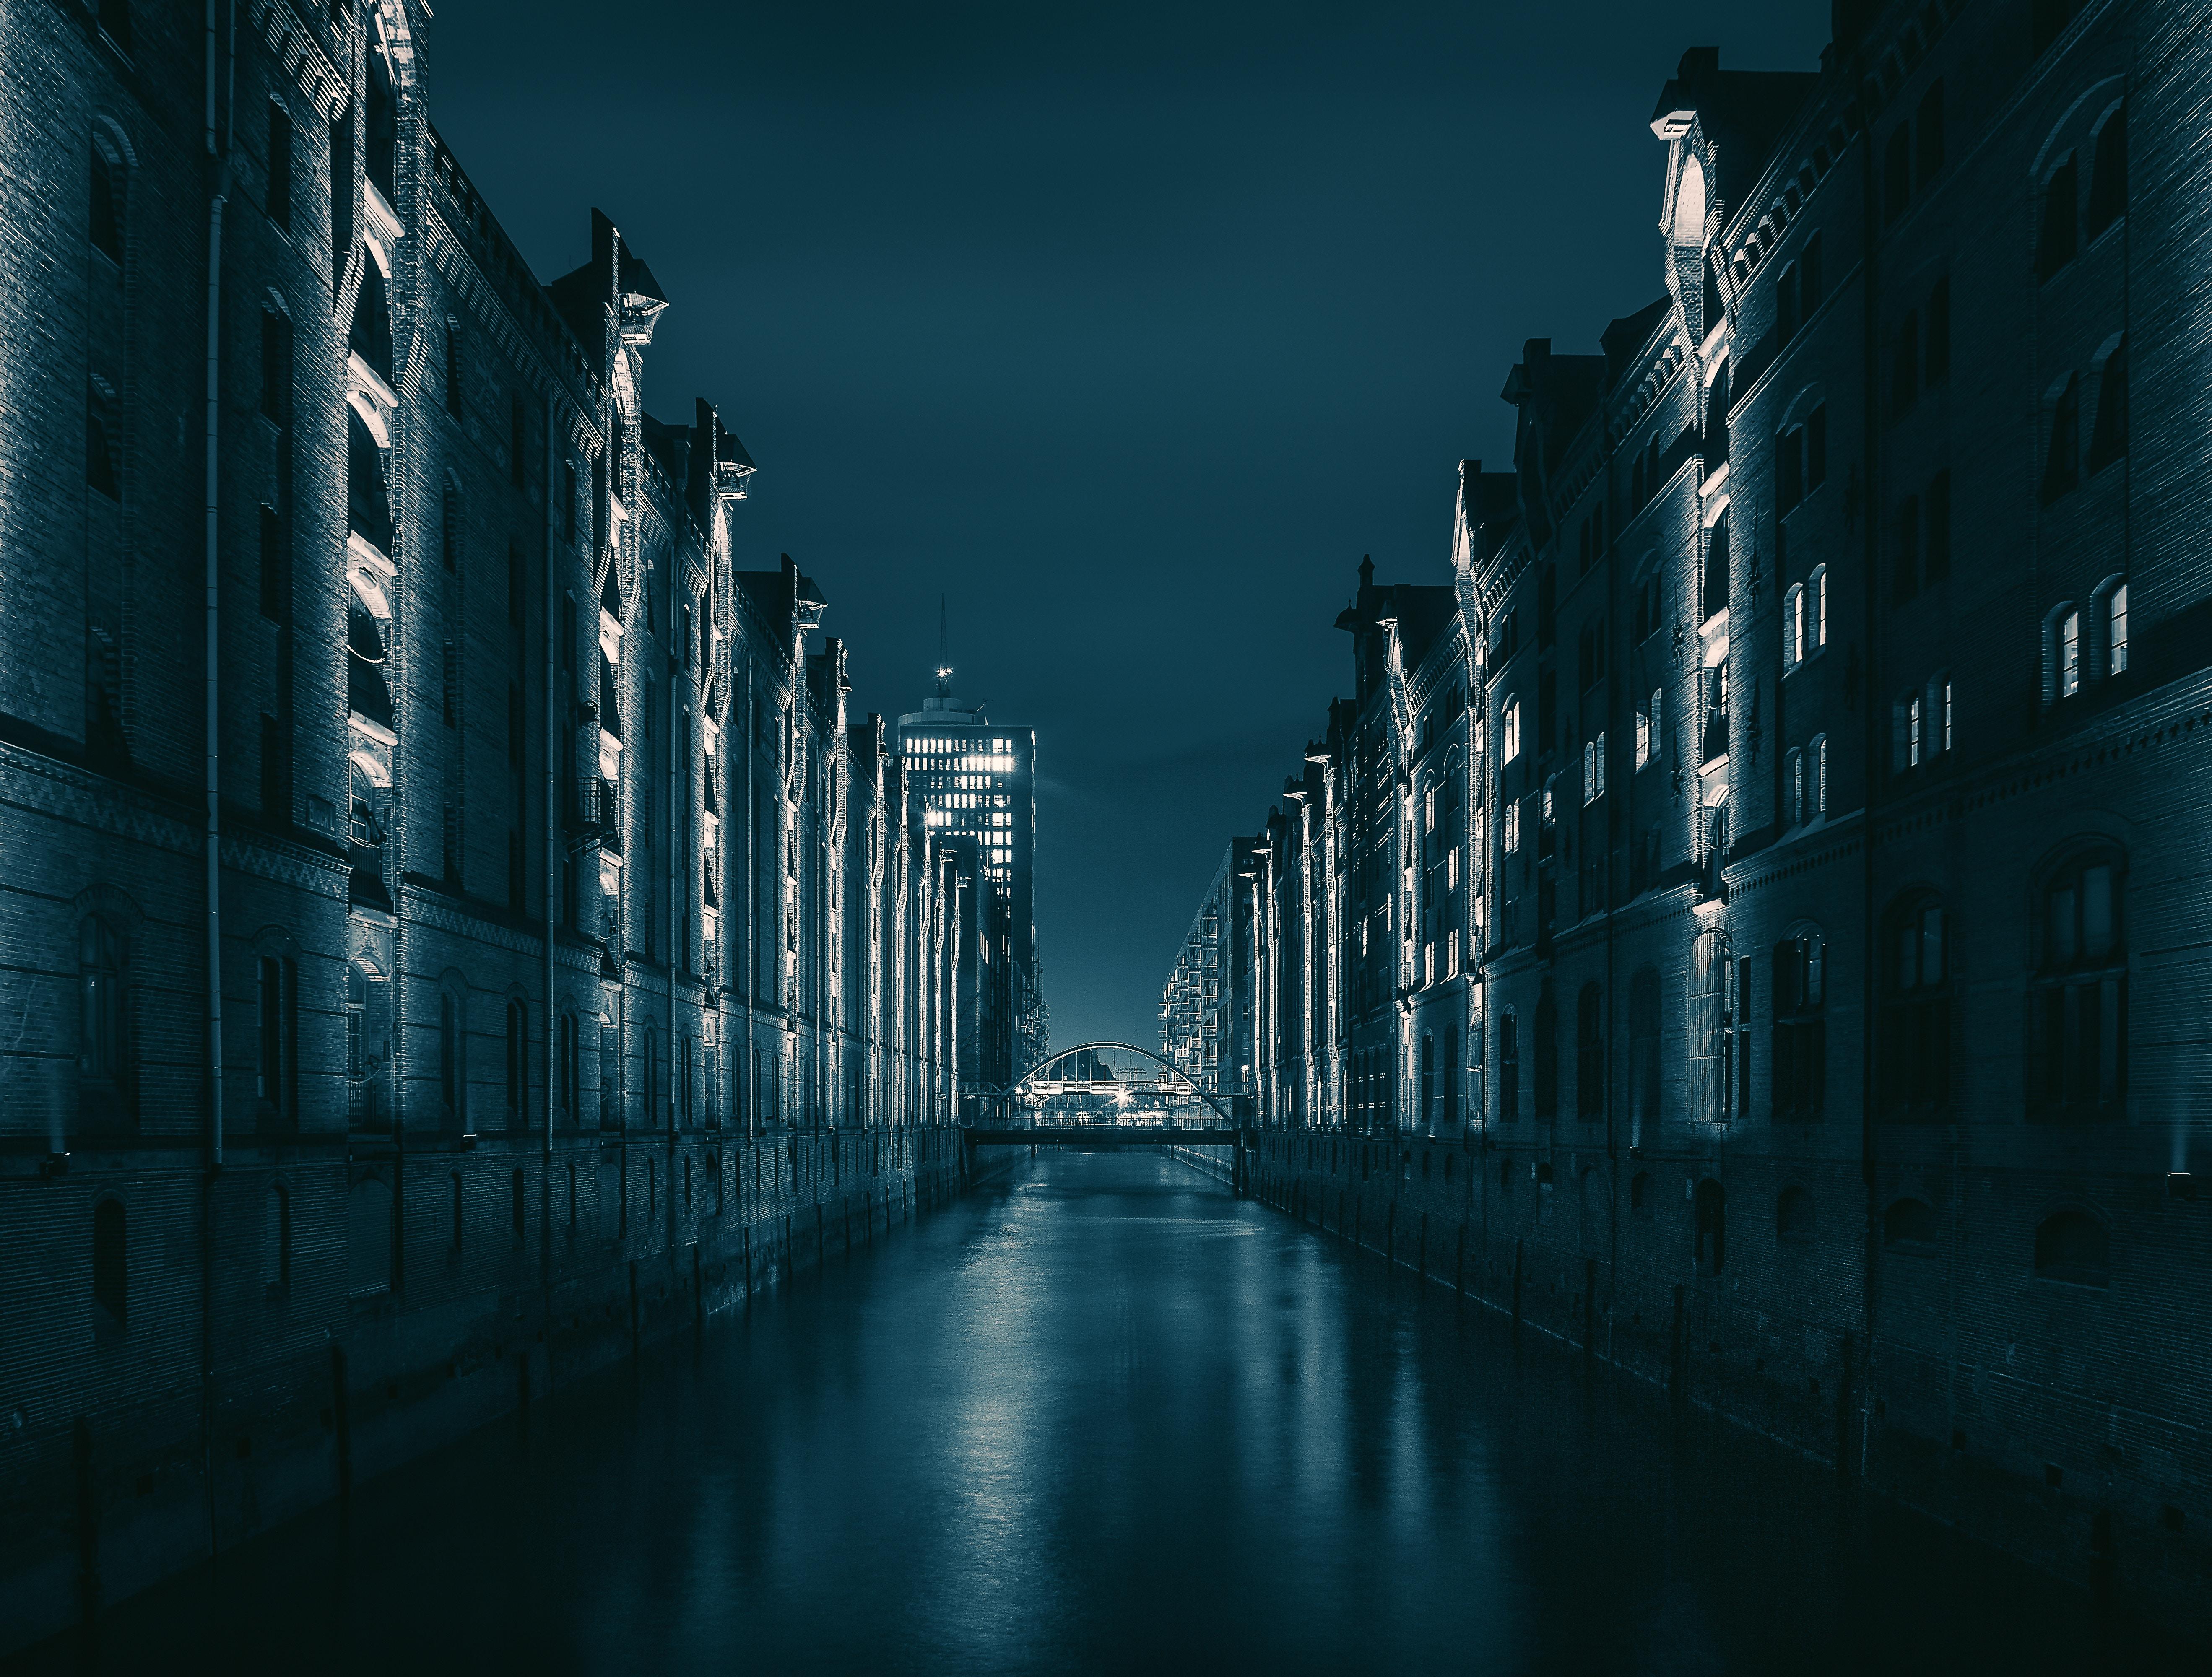 98219 Salvapantallas y fondos de pantalla Arquitectura en tu teléfono. Descarga imágenes de Ciudad De Noche, Ciudad Nocturna, Puente, Hamburgo, Alemania, Arquitectura, Ciudades gratis